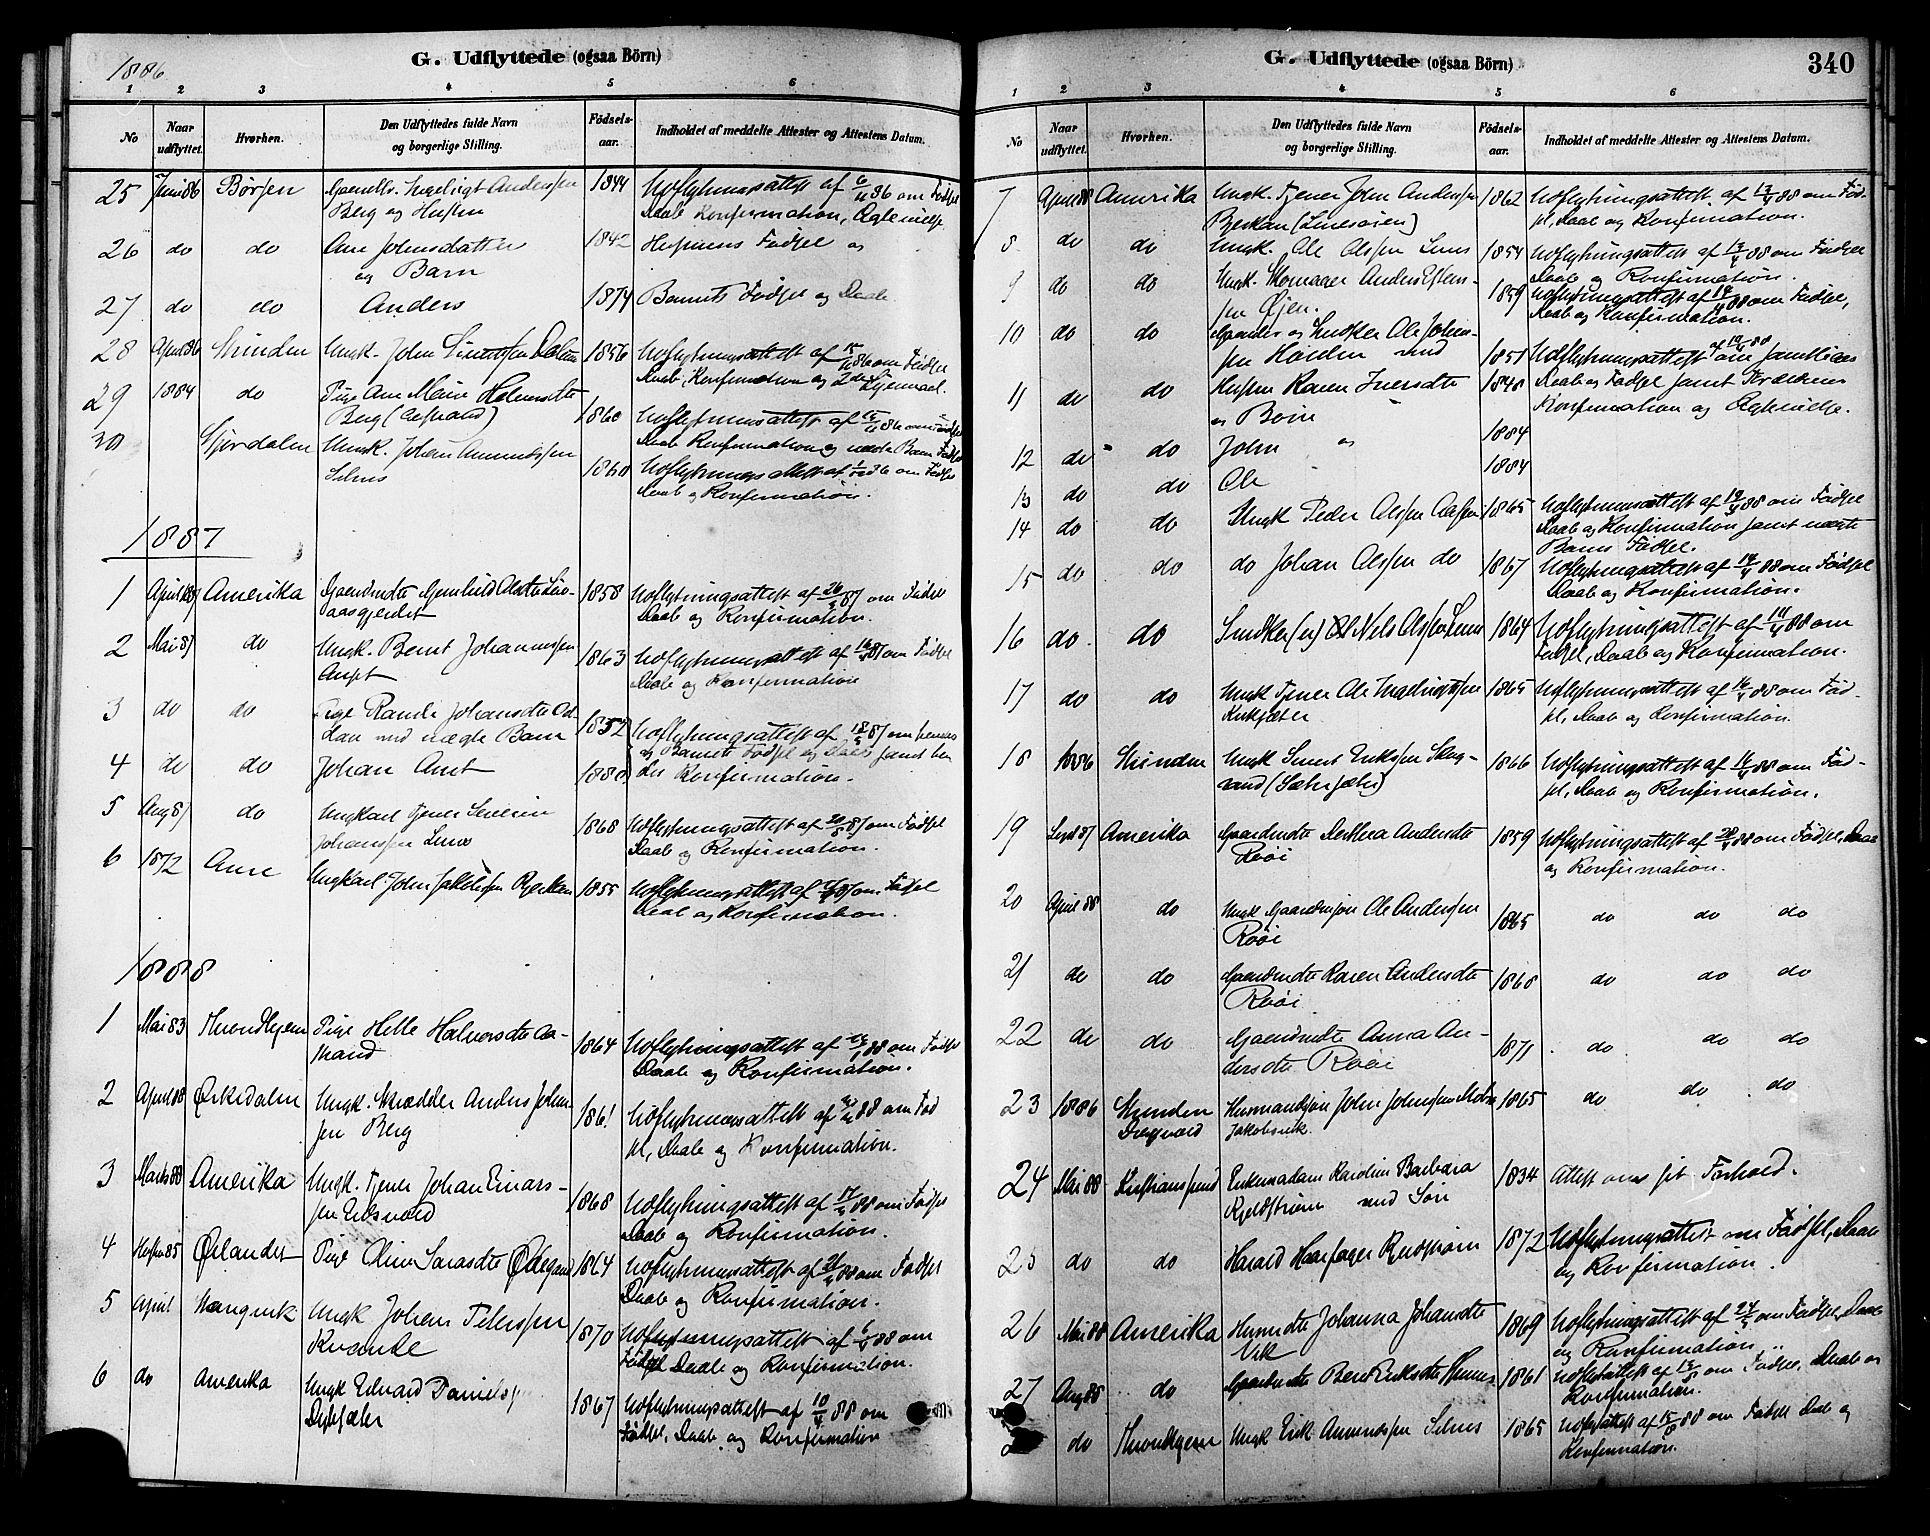 SAT, Ministerialprotokoller, klokkerbøker og fødselsregistre - Sør-Trøndelag, 630/L0496: Ministerialbok nr. 630A09, 1879-1895, s. 340